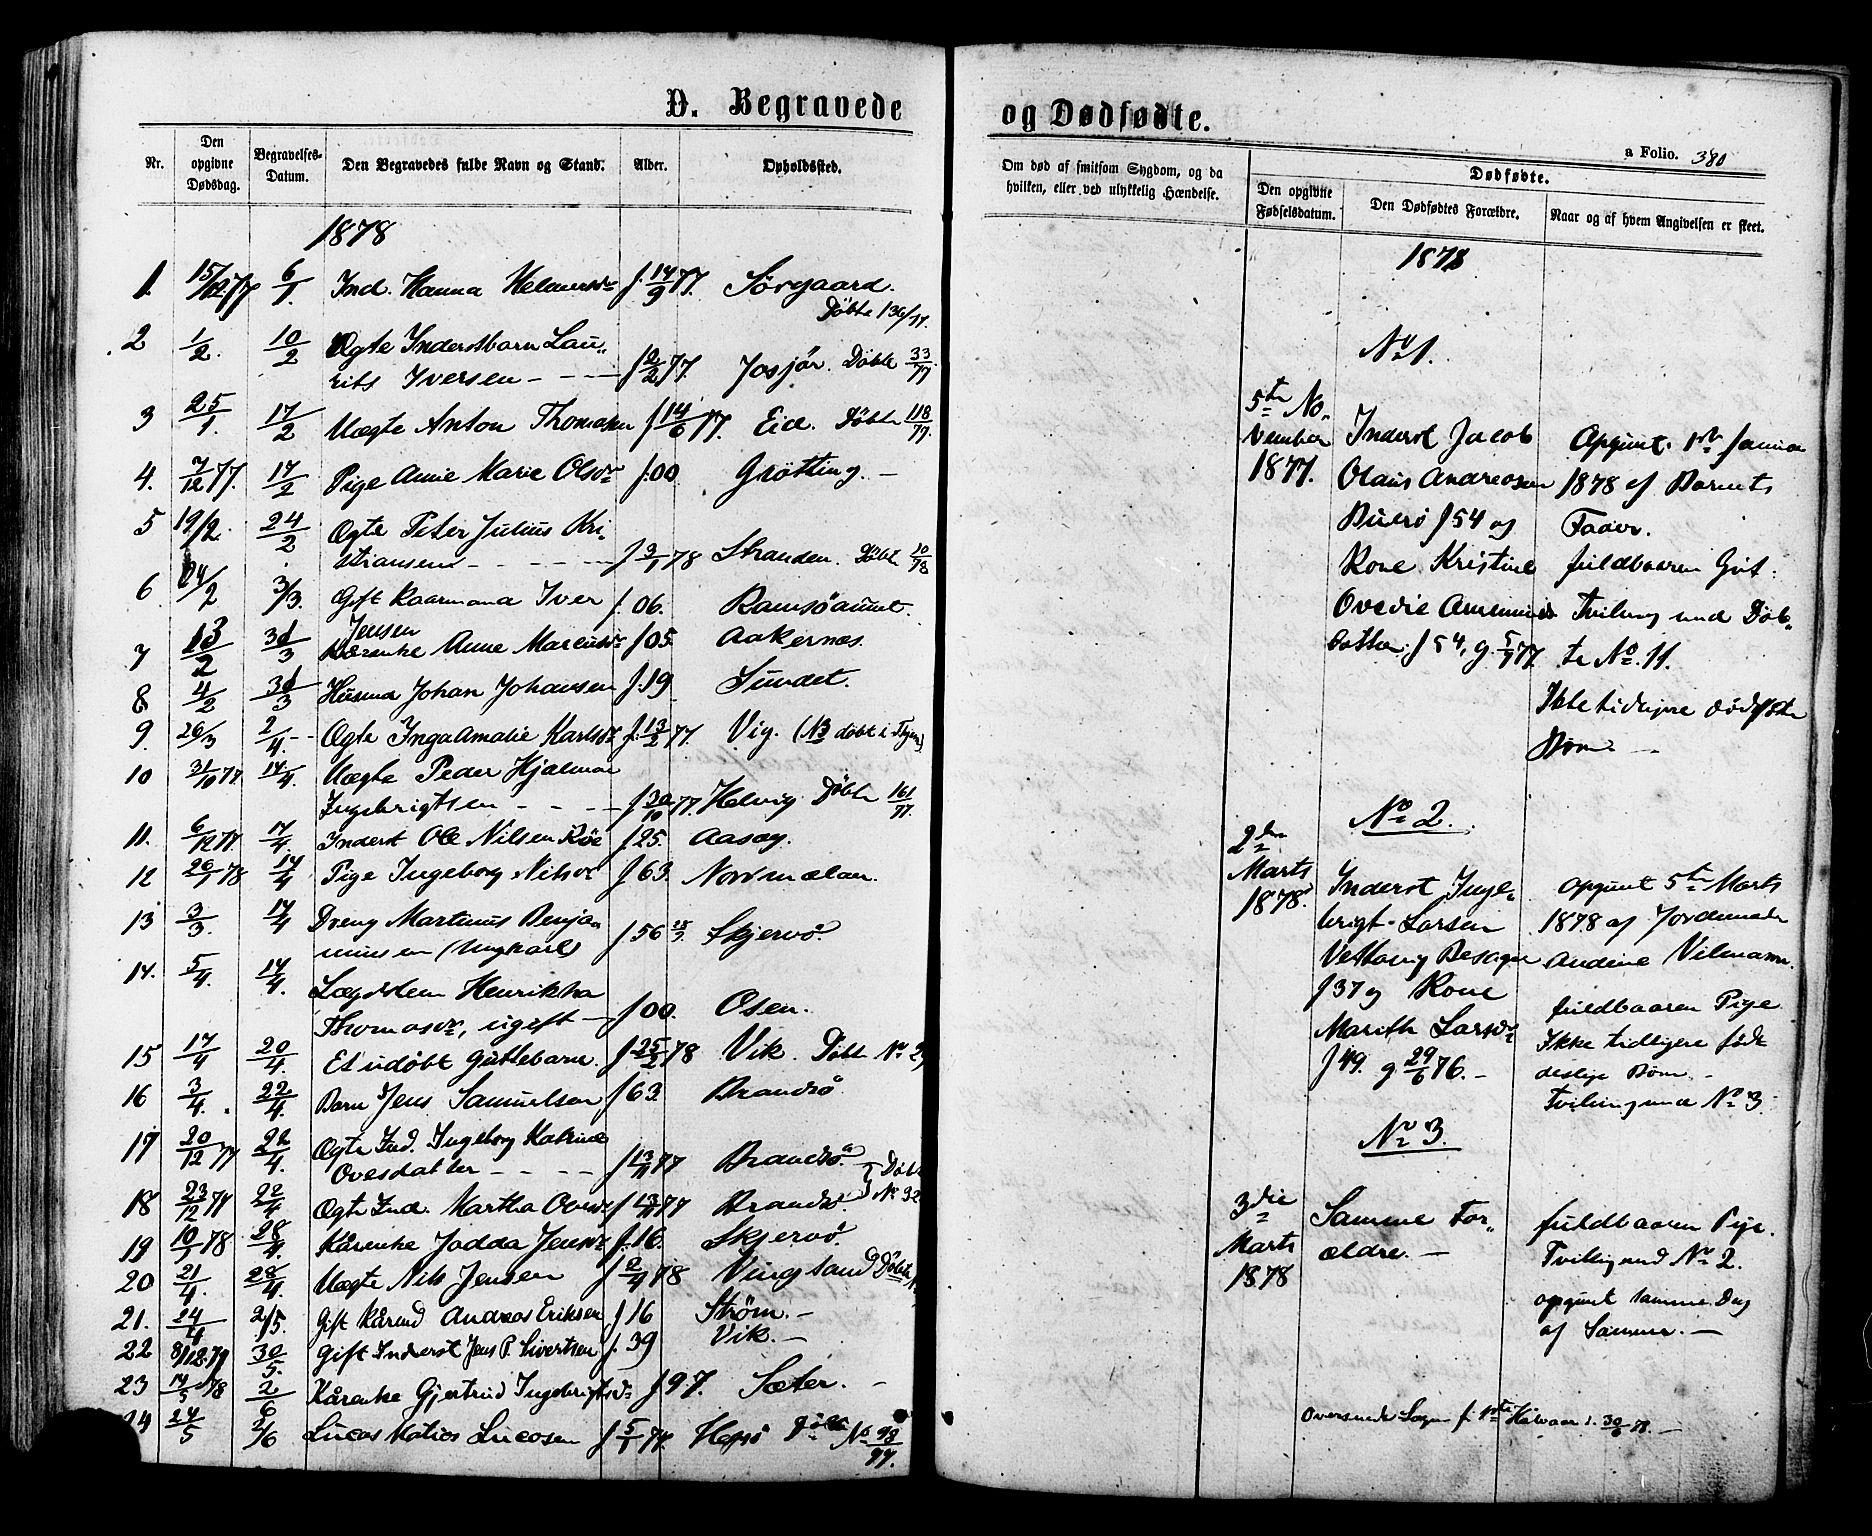 SAT, Ministerialprotokoller, klokkerbøker og fødselsregistre - Sør-Trøndelag, 657/L0706: Ministerialbok nr. 657A07, 1867-1878, s. 380